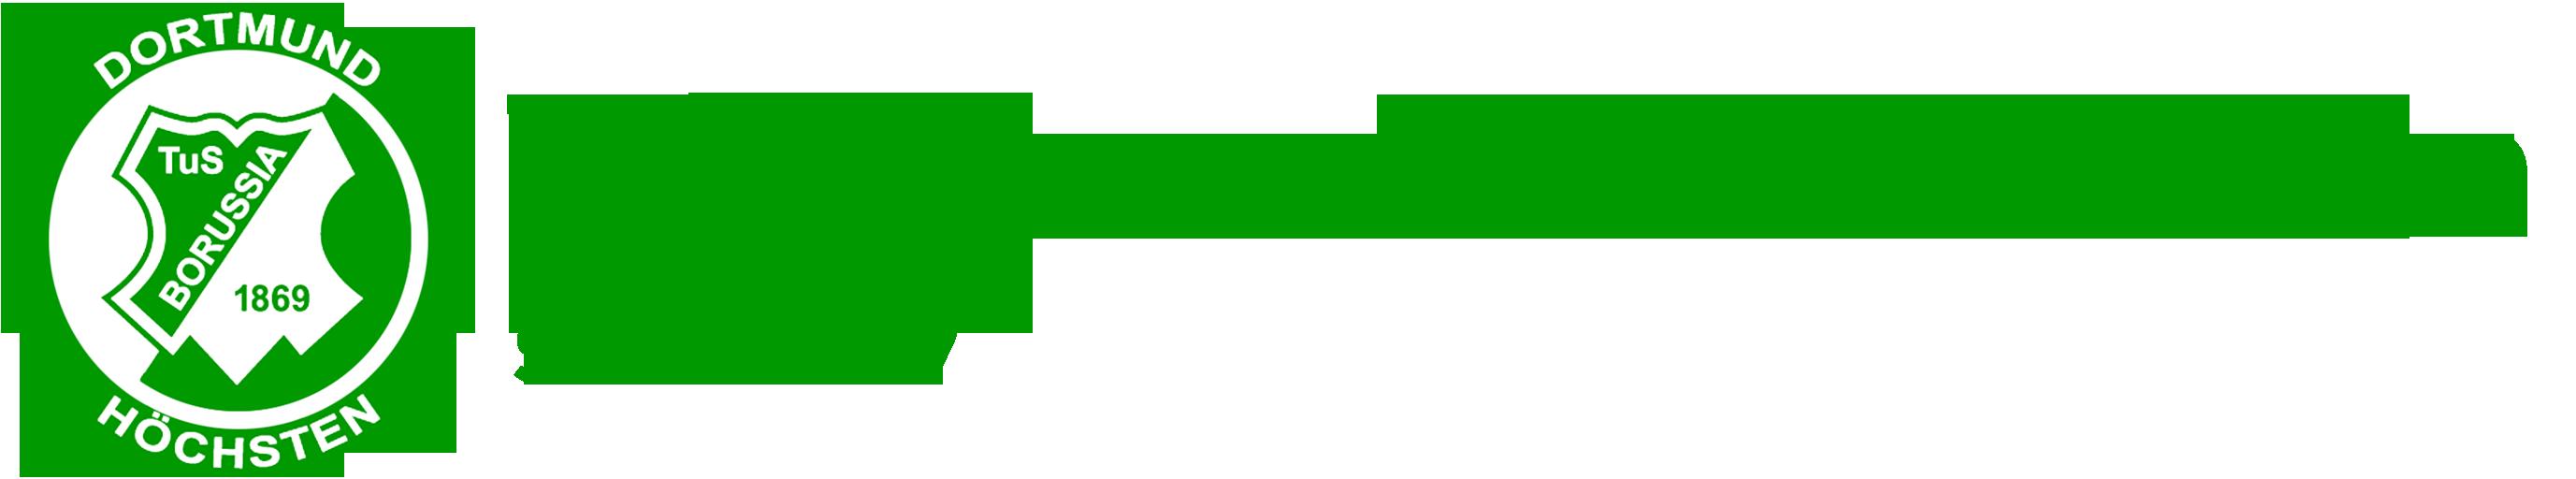 TuS Borussia Höchsten